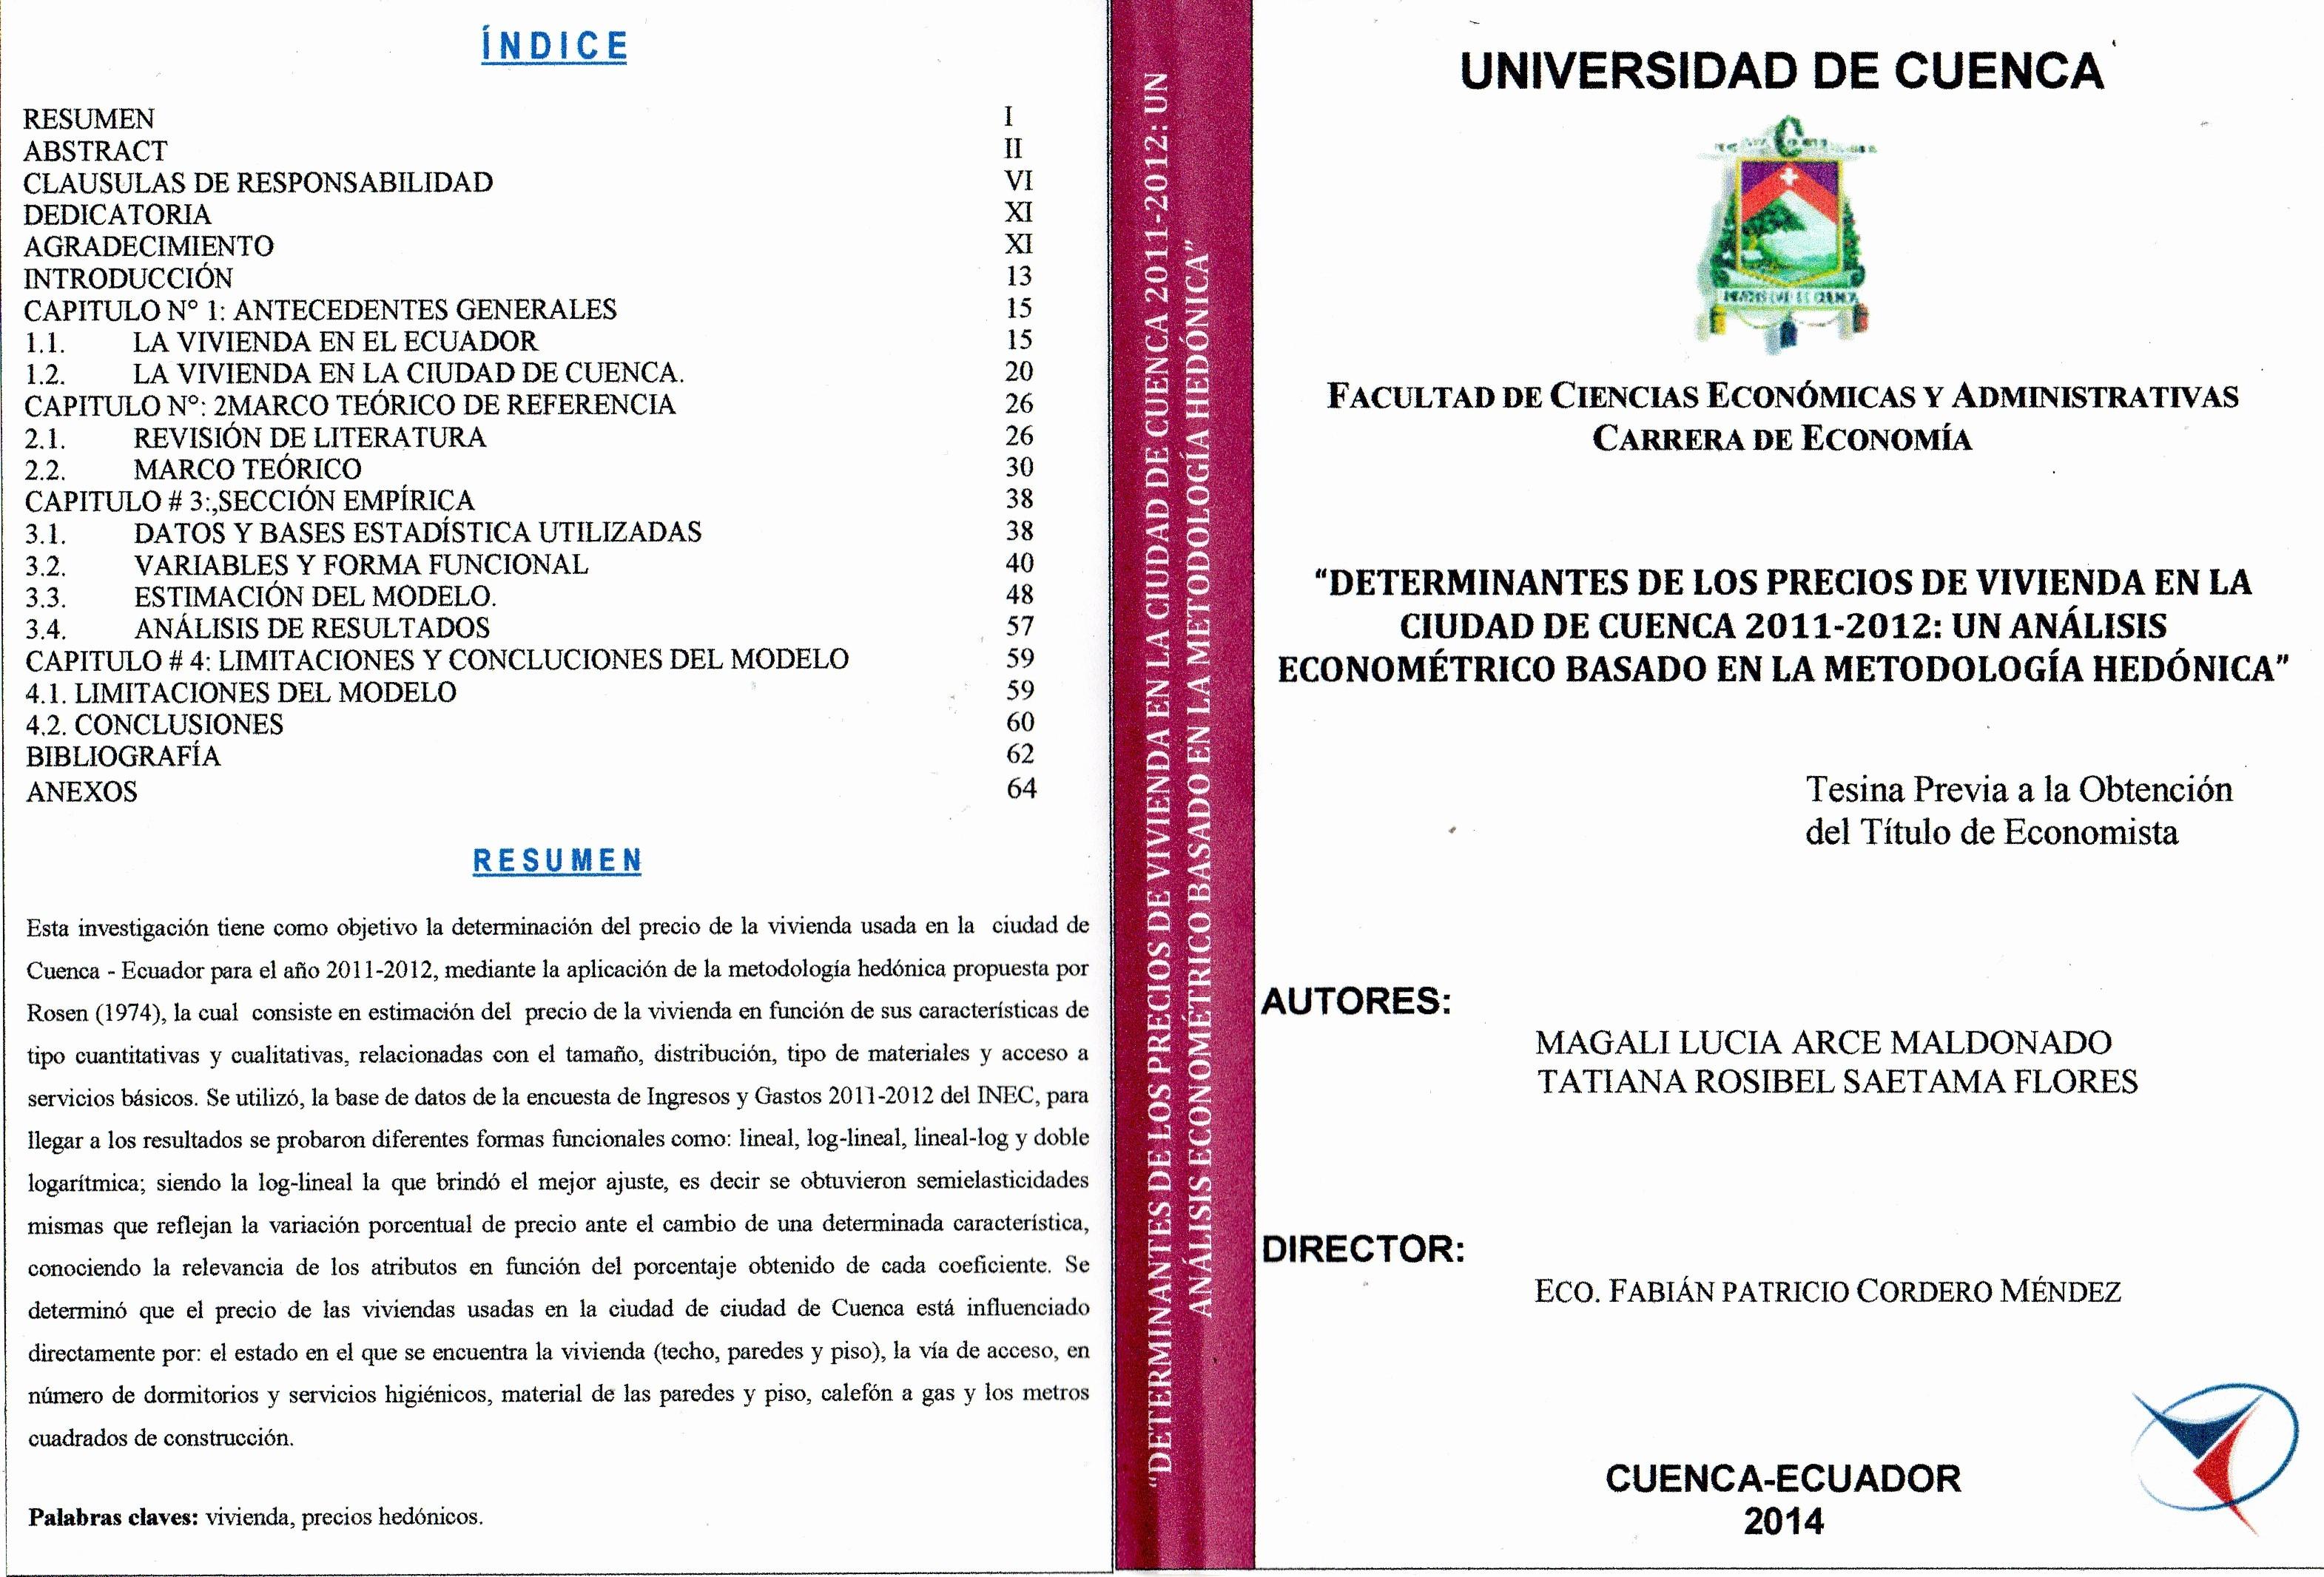 Formatos De Portadas Para Word Unique Repositorio Digital De La Universidad De Cuenca formato